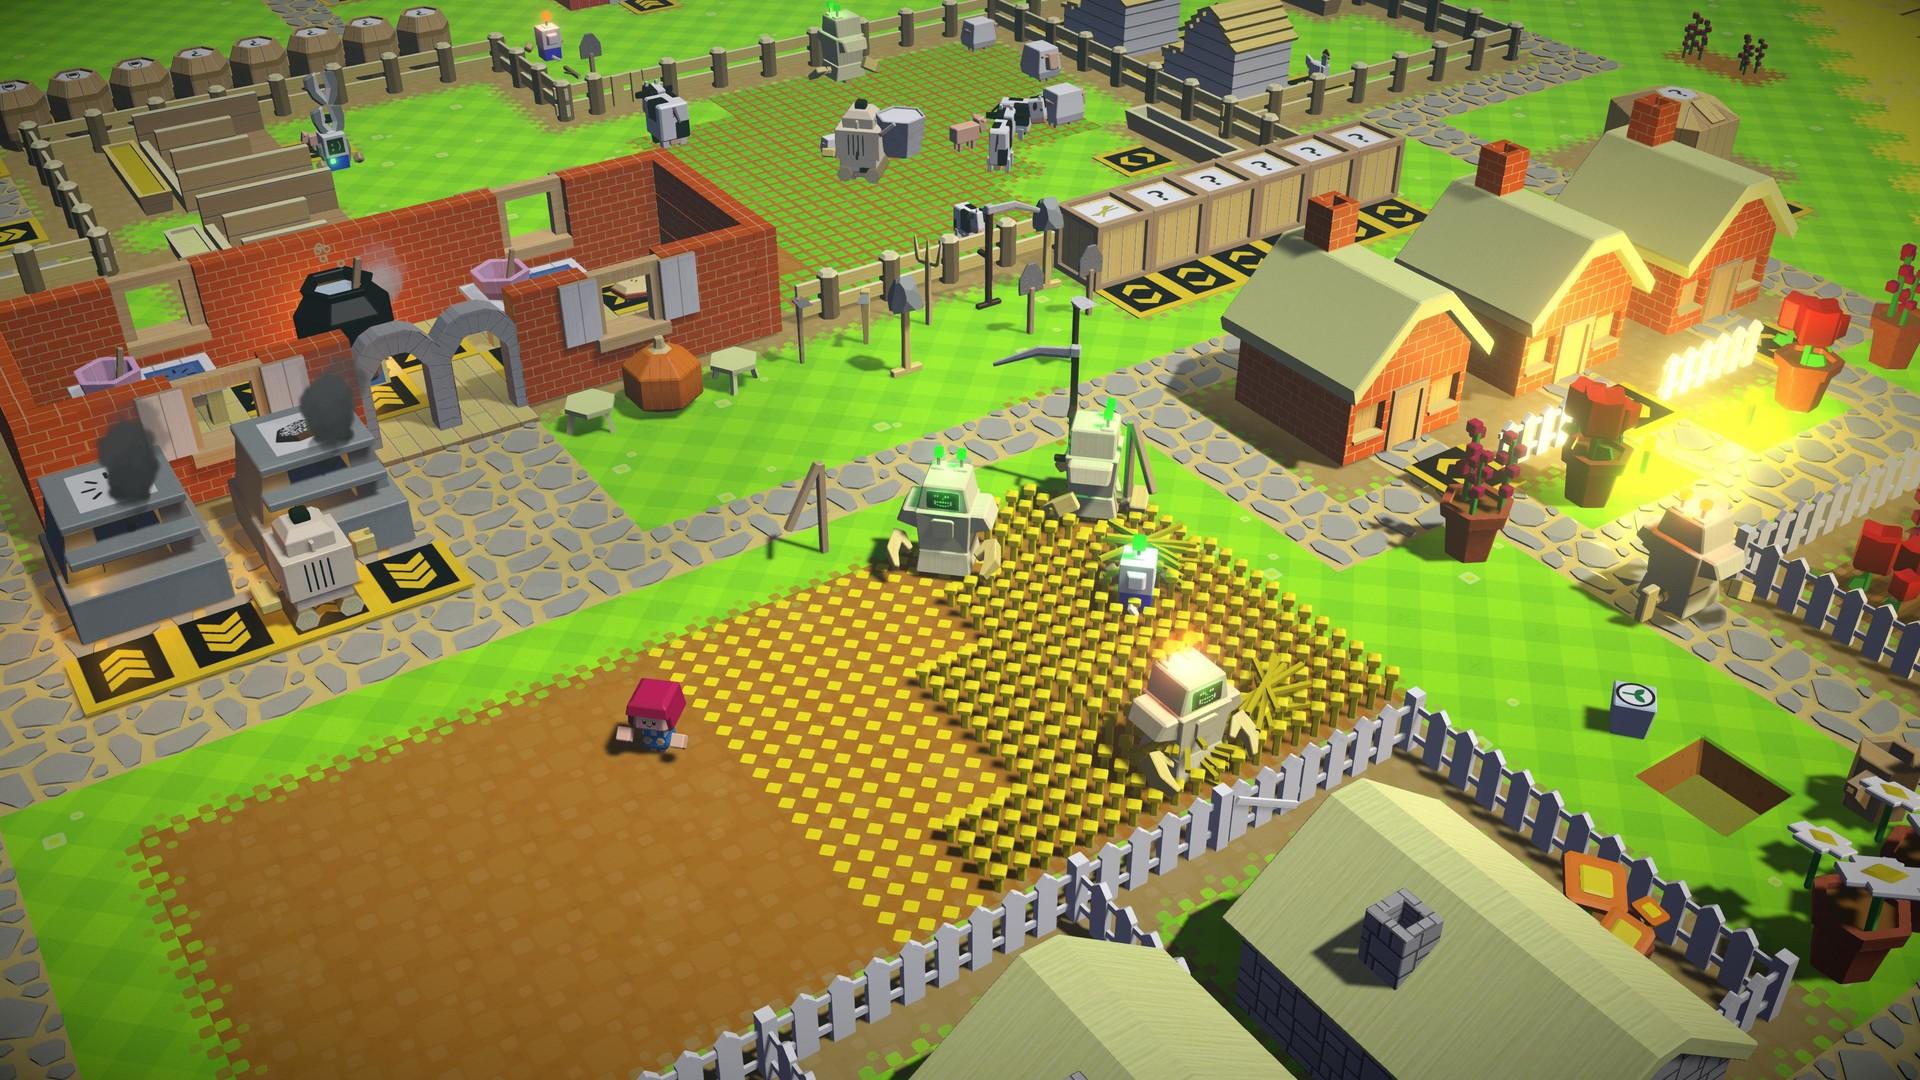 Programação do jogo sandbox